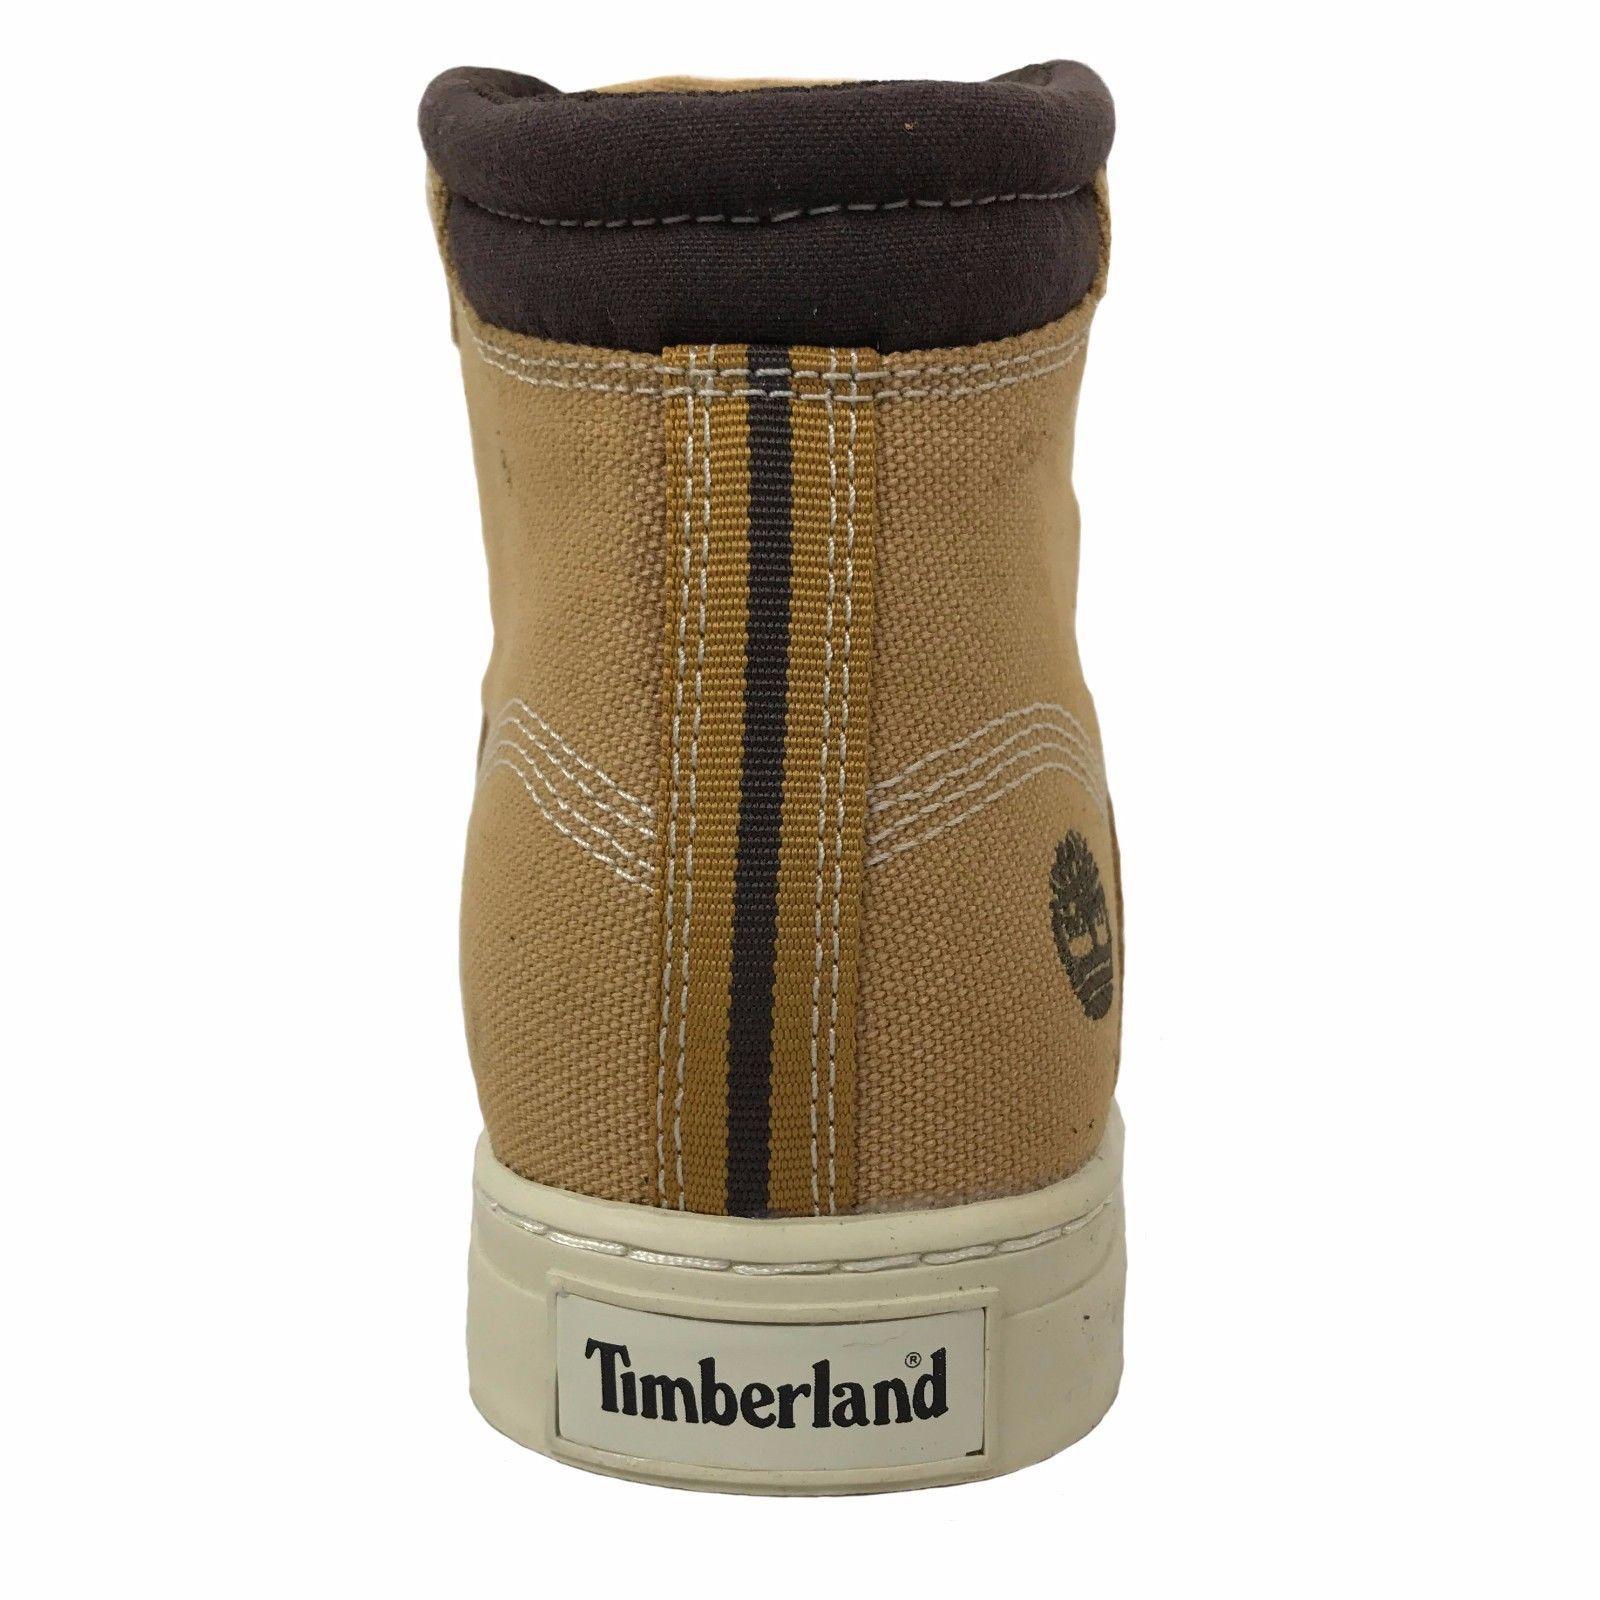 6450f5e7c15 Timberland Men's Dauset Hiker Fabric & and 27 similar items